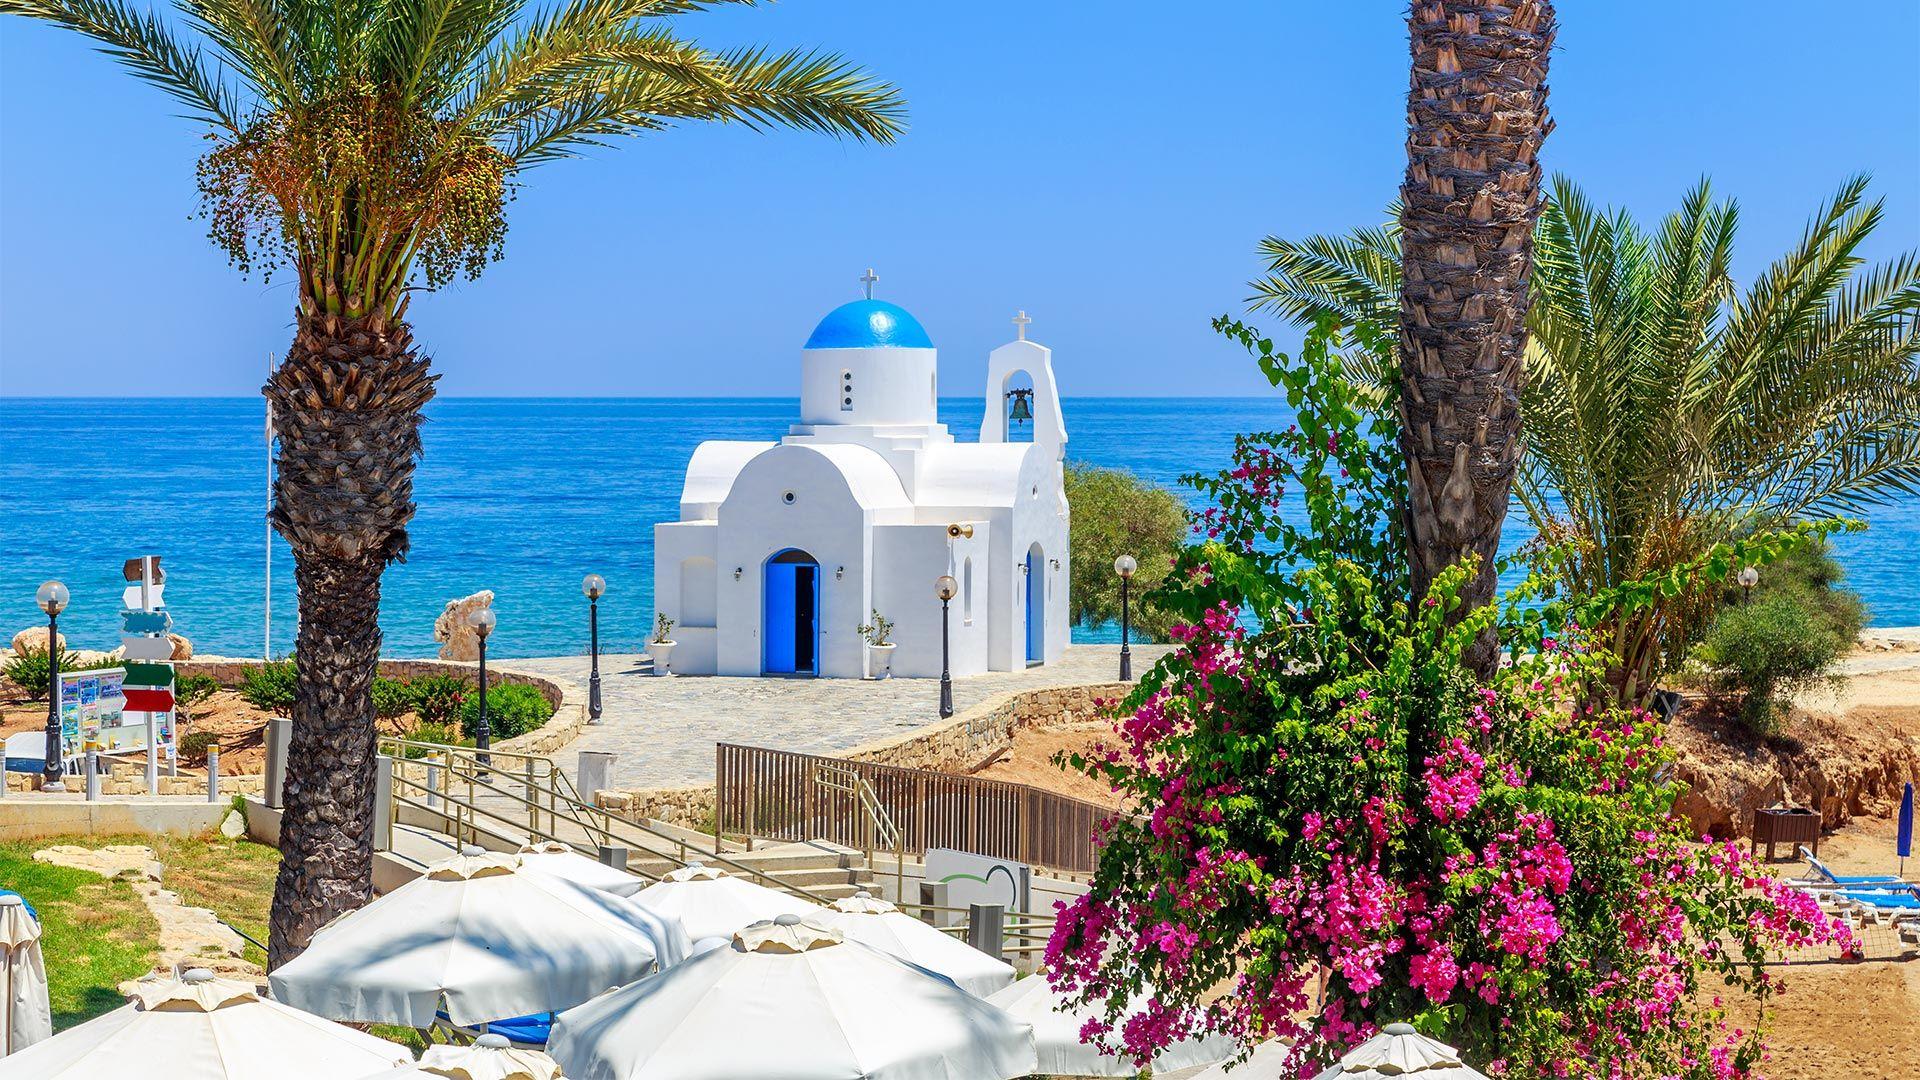 Circuit de grup - Essential Cipru - 8 zile